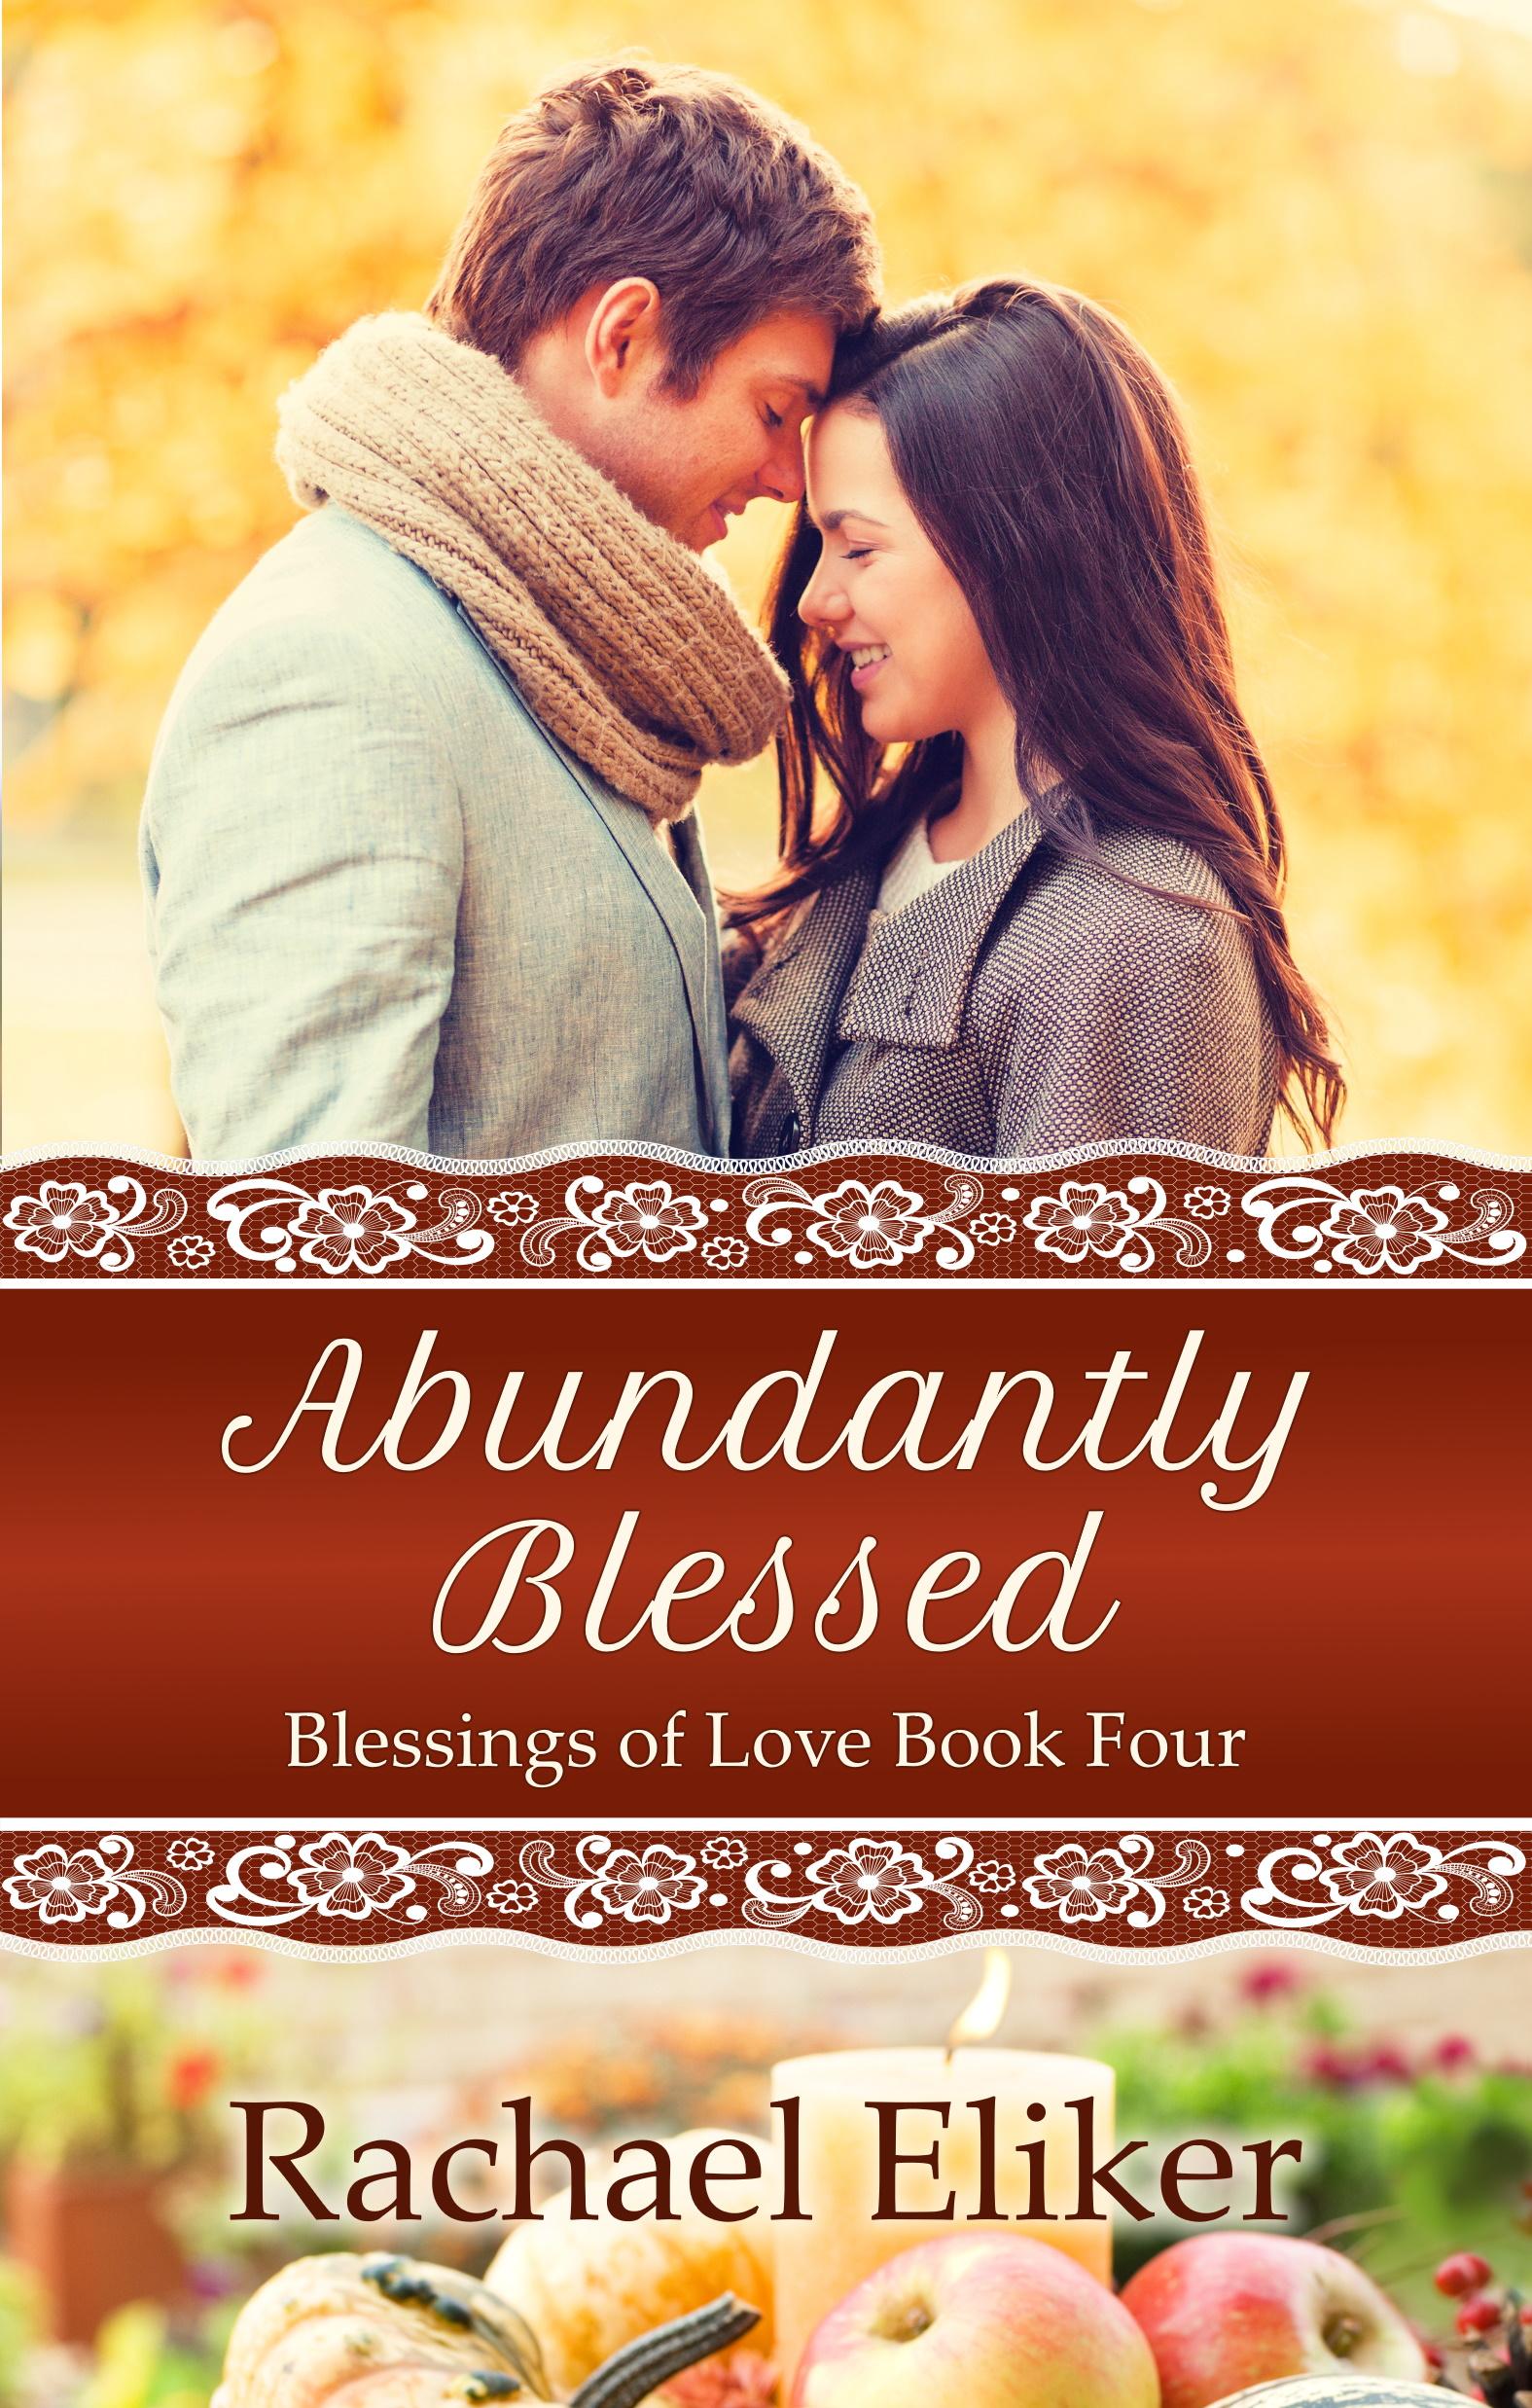 Cover-AbundantlyBlessed.jpg